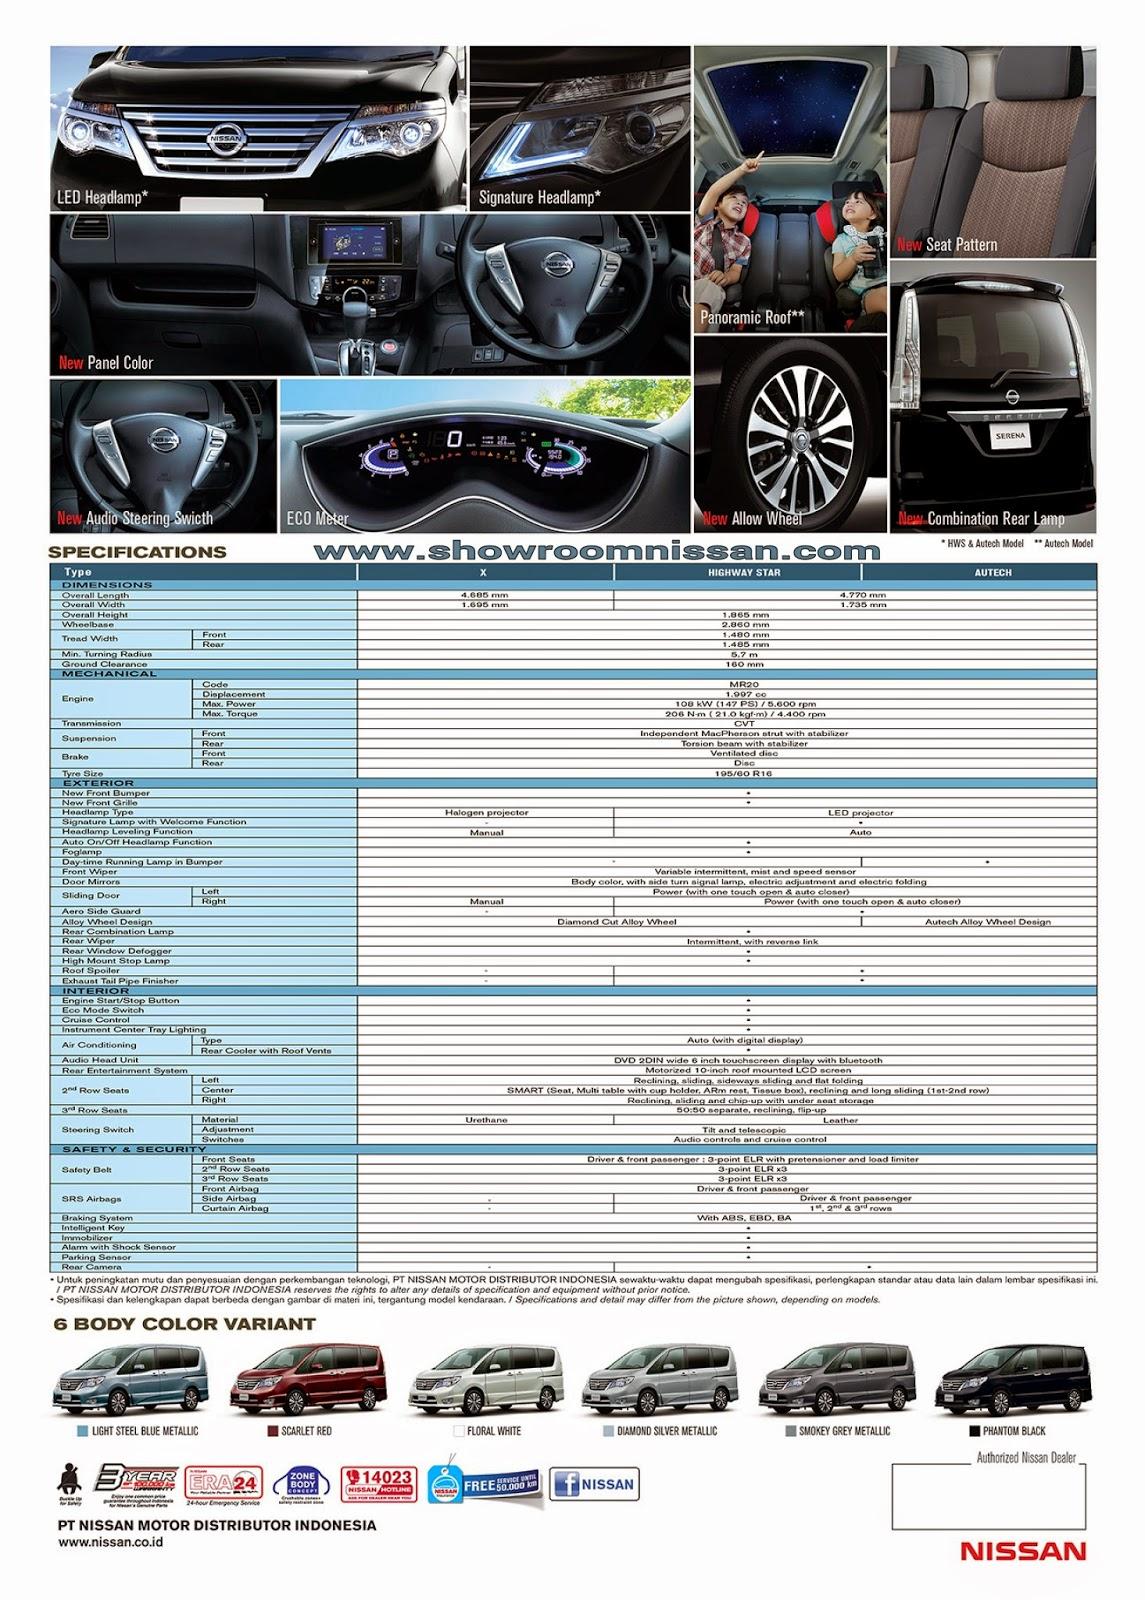 Spesifikasi All New Innova Venturer Grand Avanza E 2015 Harga Toyota Hilux 2017 Kredit Promo Diskon